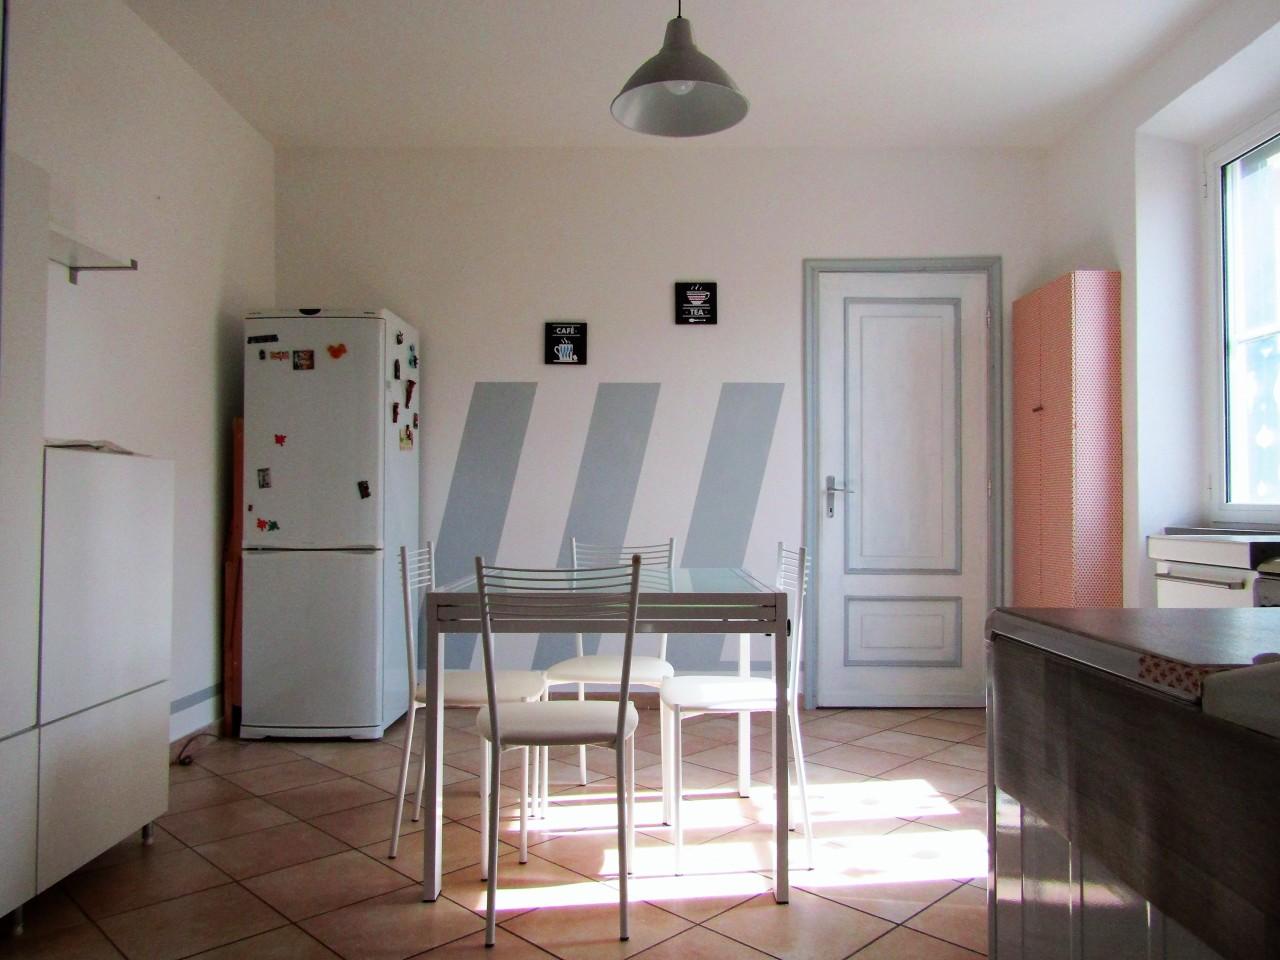 Appartamento in vendita a Livorno, 2 locali, prezzo € 53.000 | CambioCasa.it